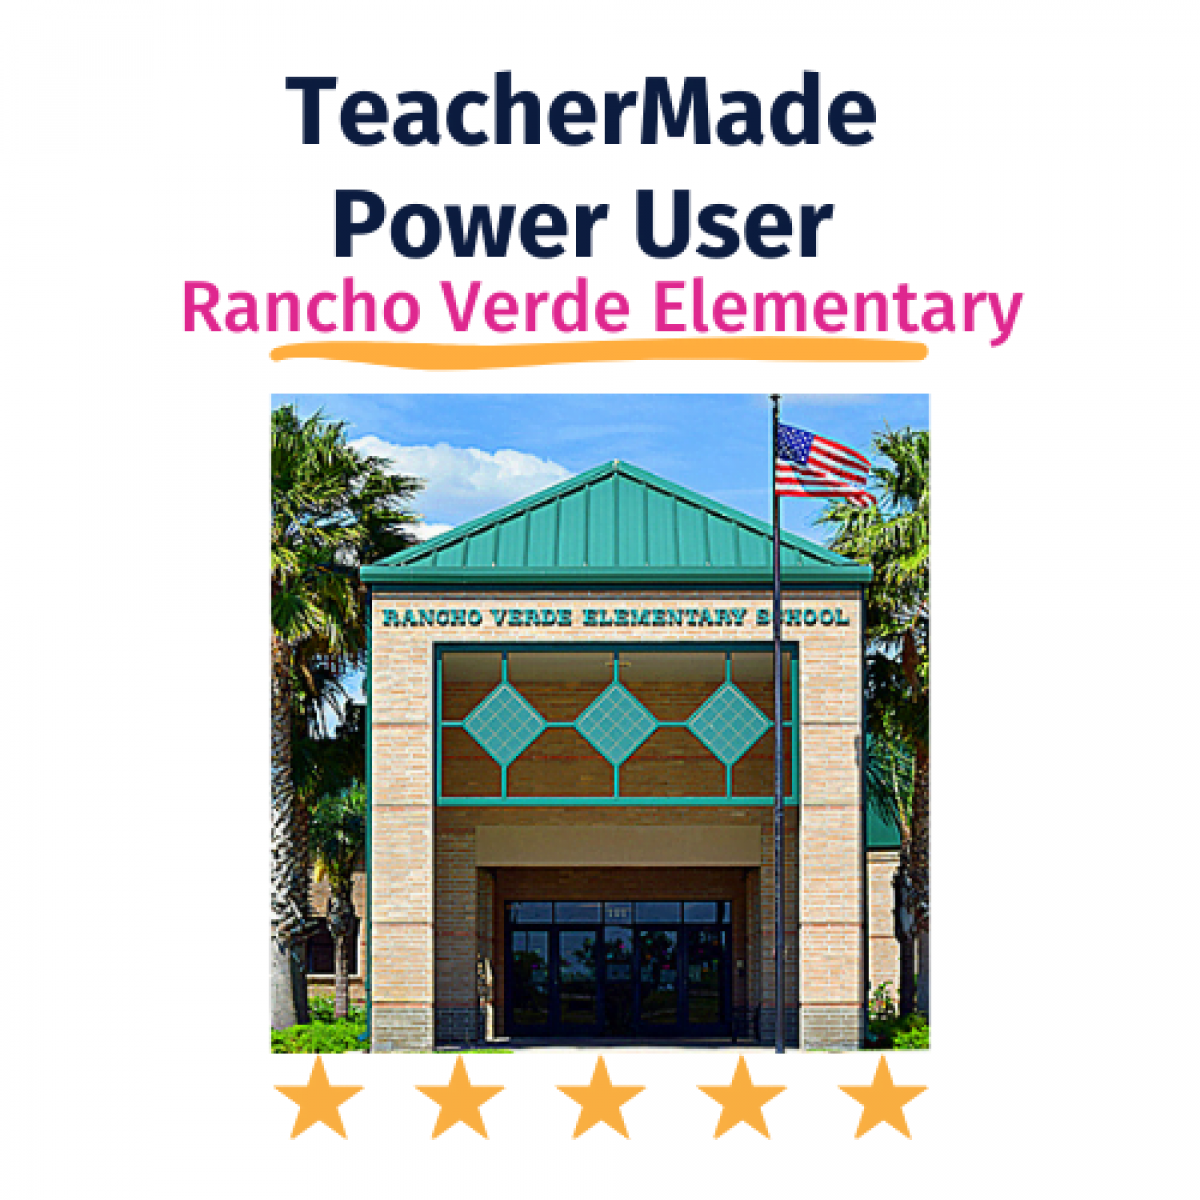 TeacherMade Power User Profile